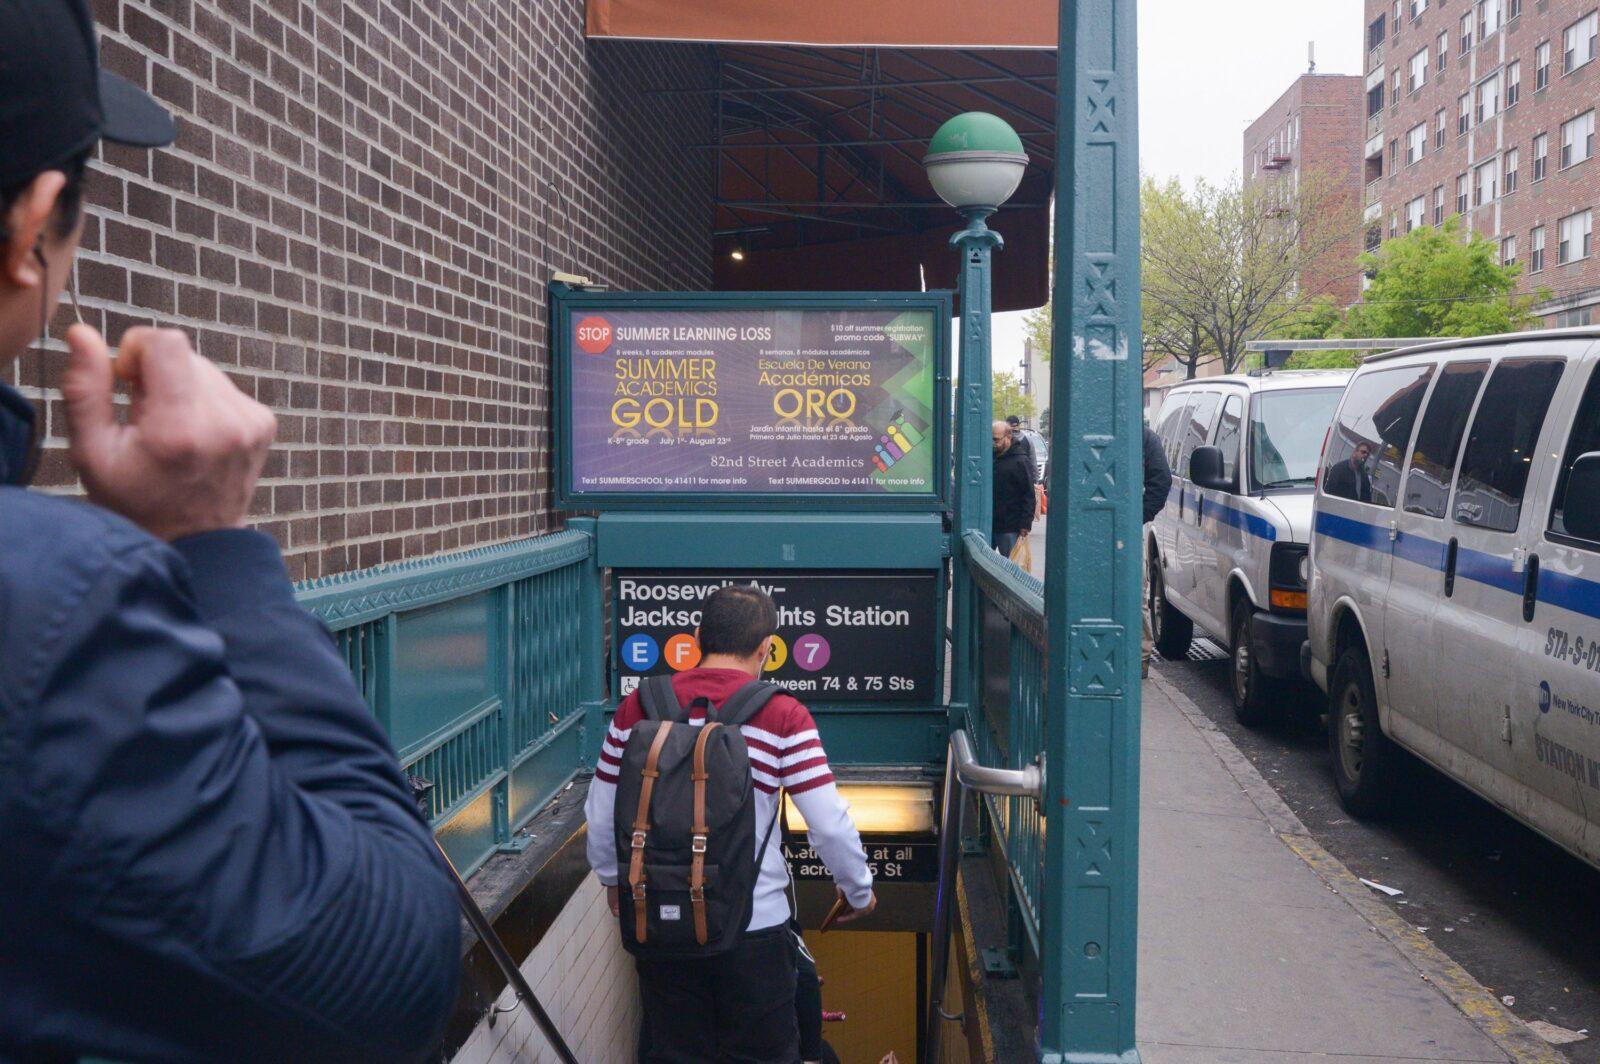 Urban Panel Advertising Subway Advertising 82nd Street Academics